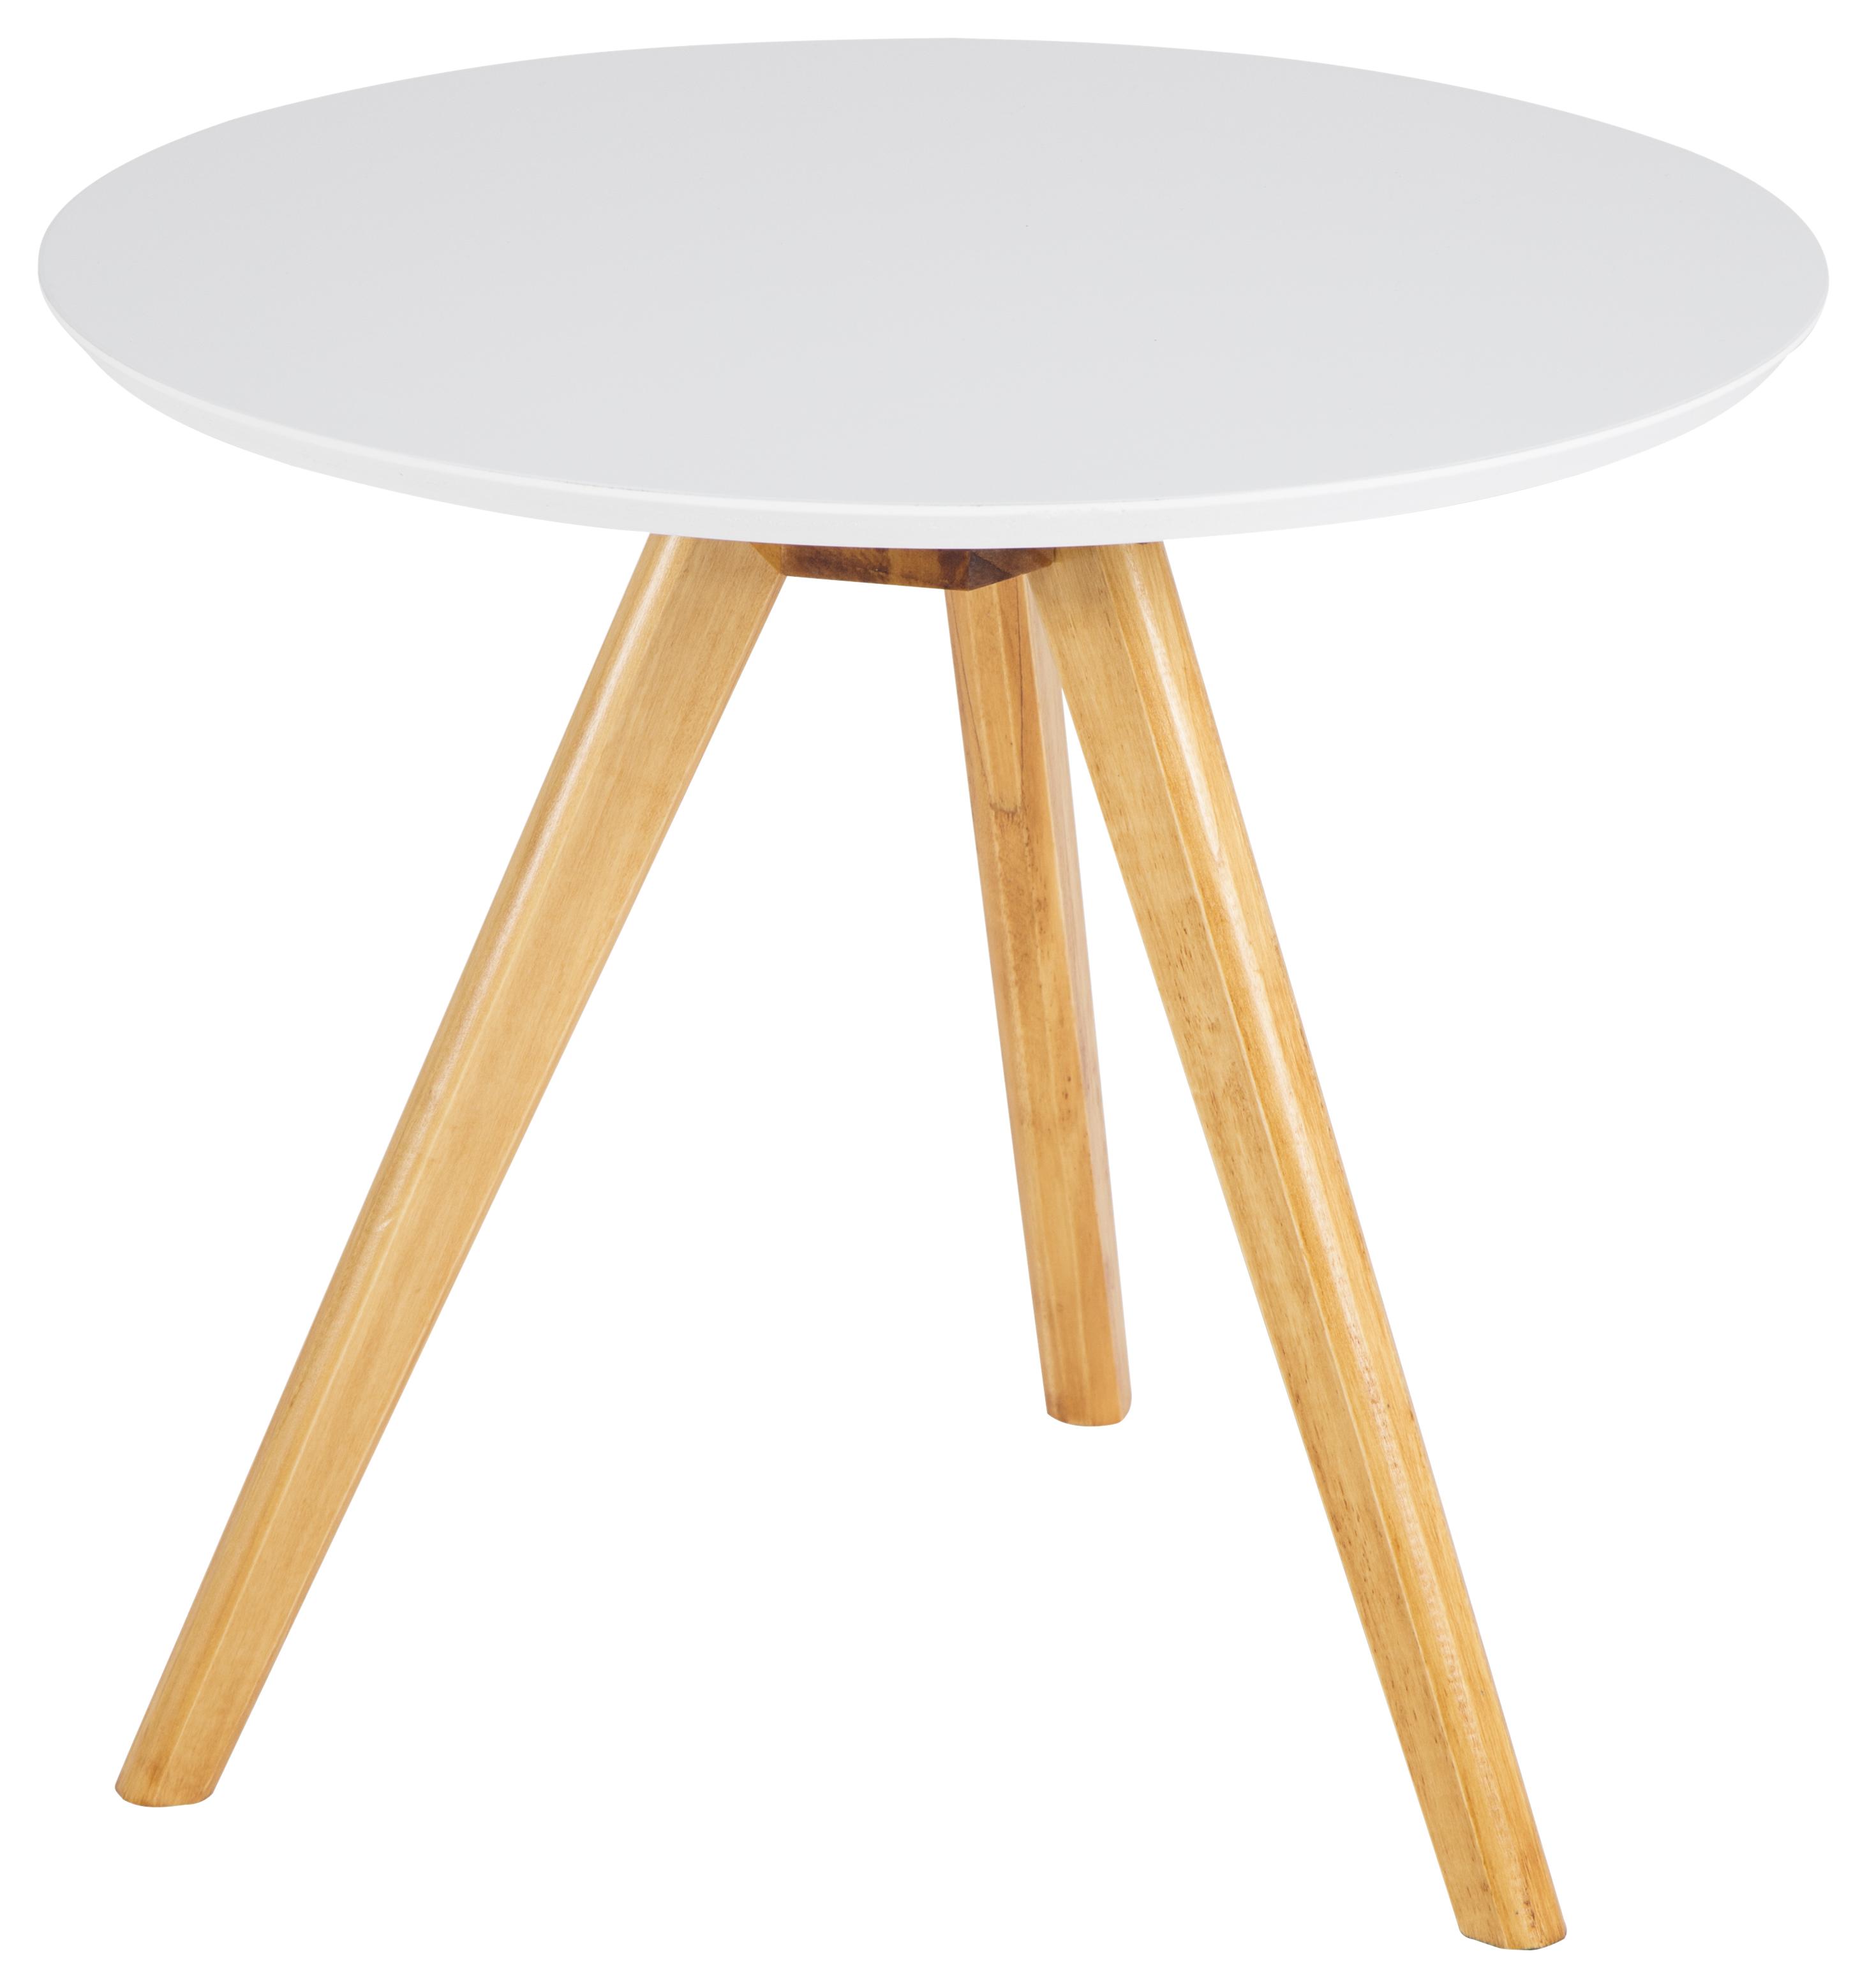 Geräumig Beistelltisch Holz Weiß Foto Von